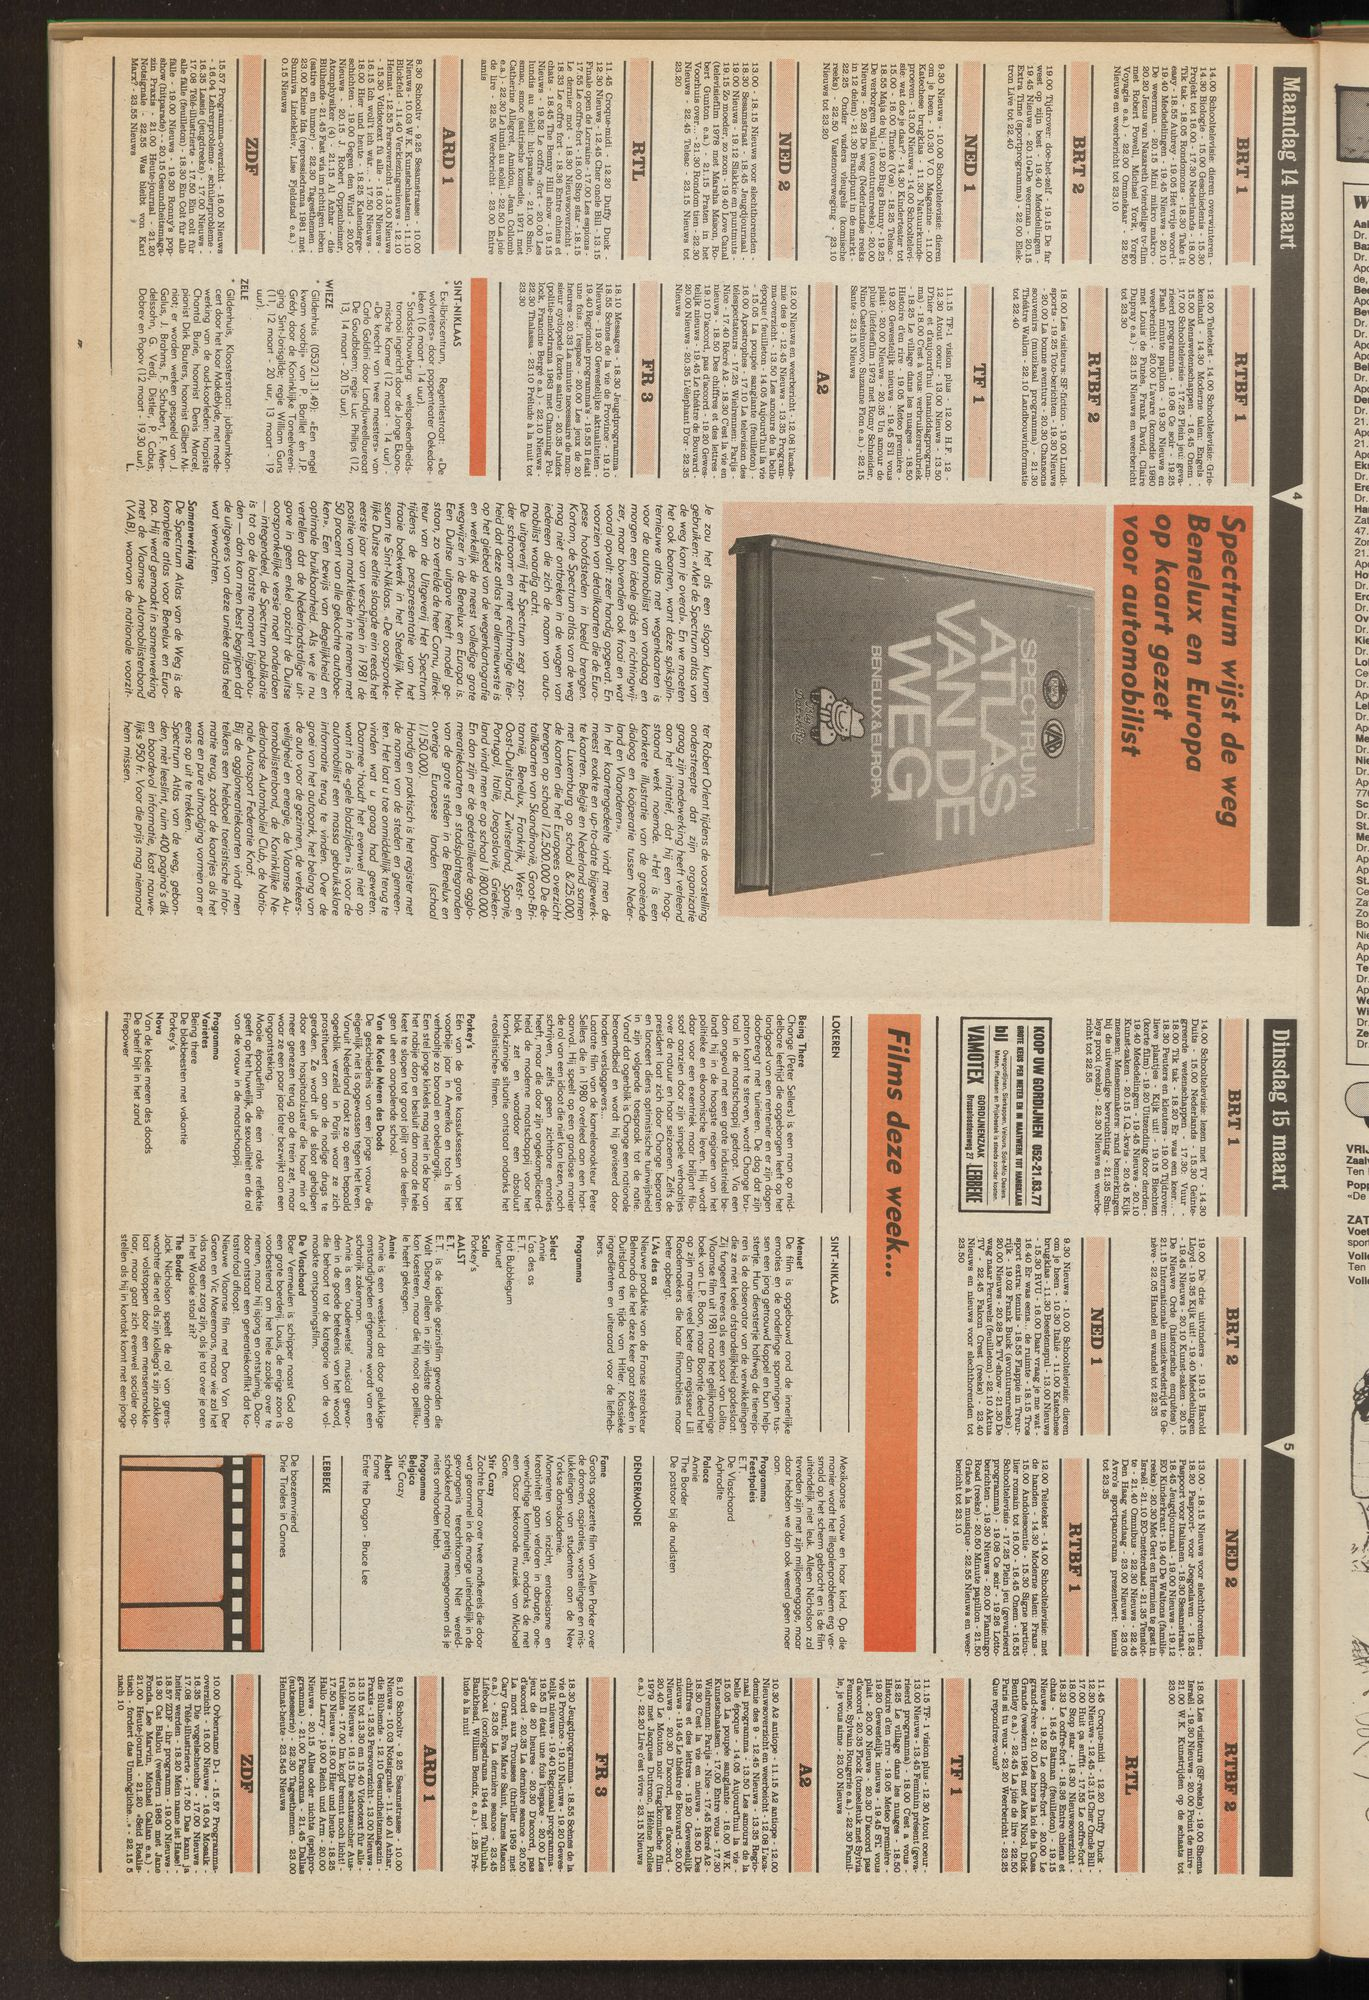 DE_VOORPOST 1983-03-11 p14